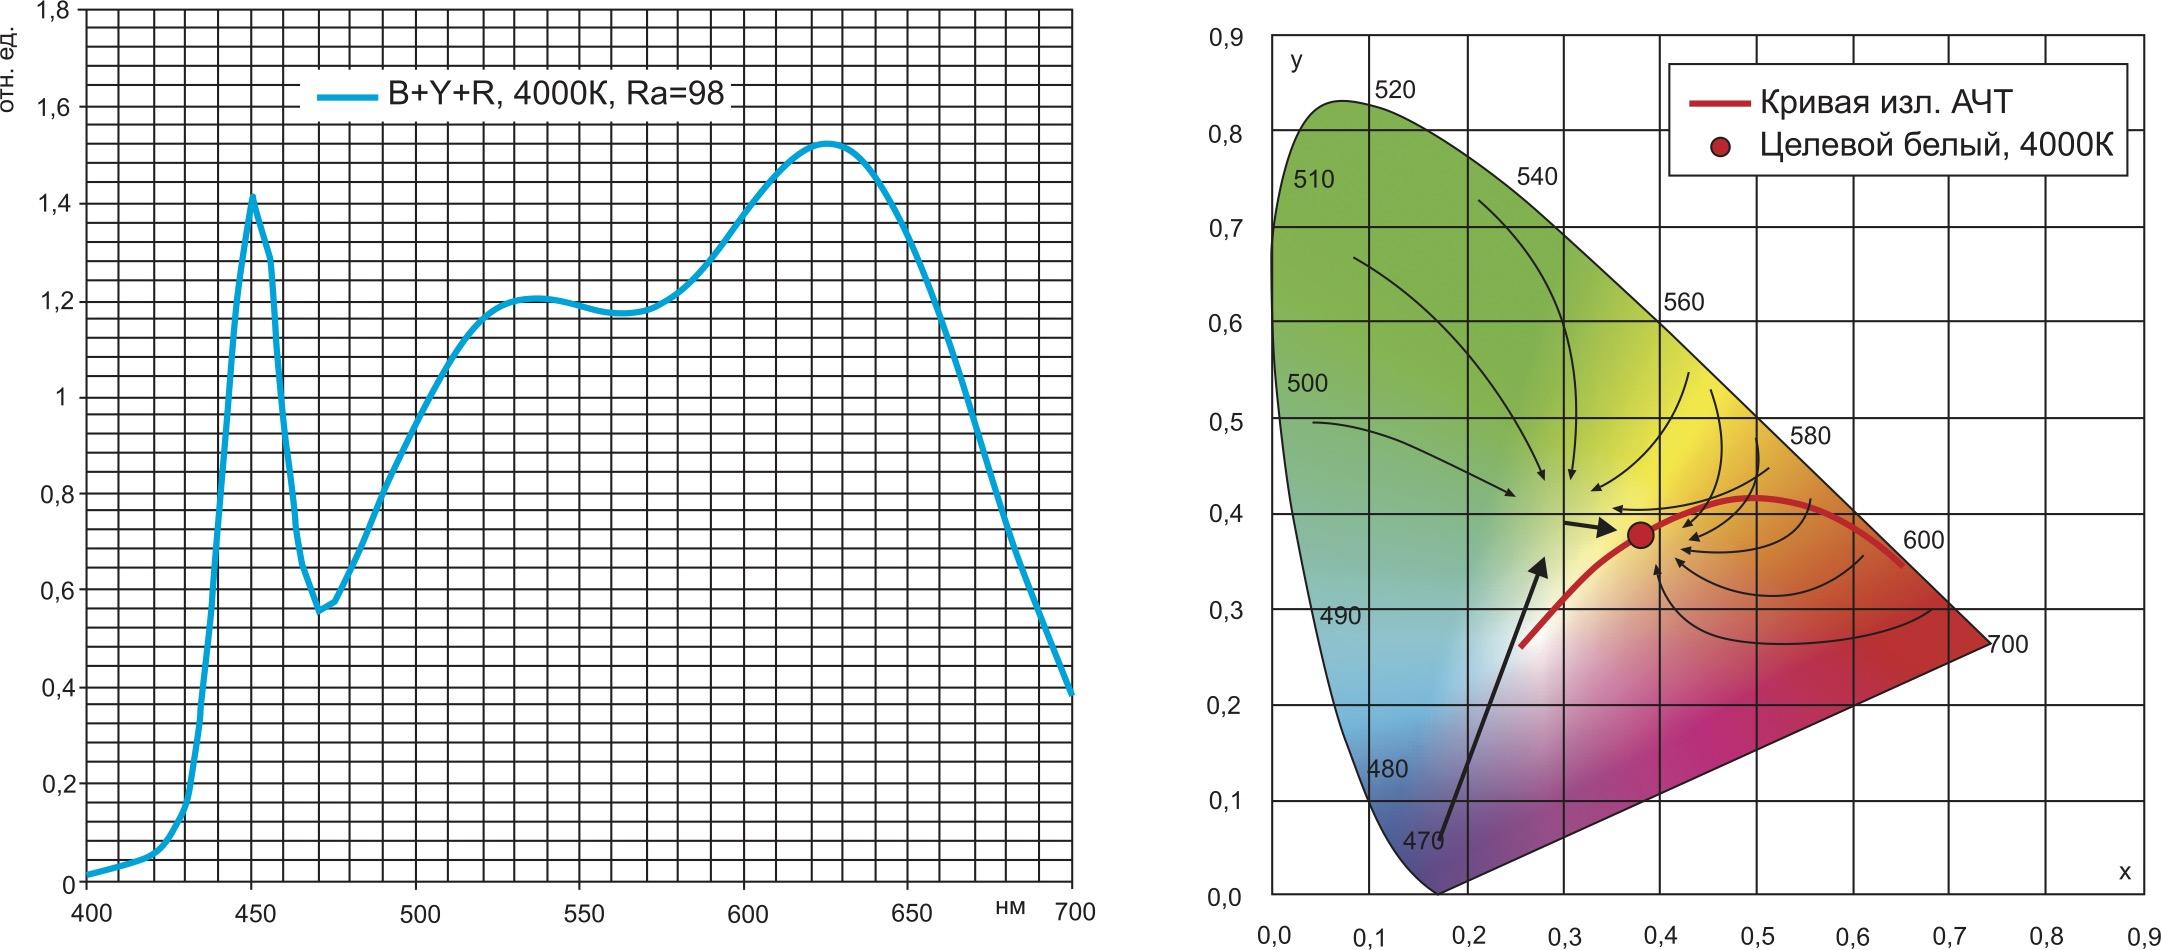 Использование желто-зеленого и красного люминофоров на синем кристалле позволяет получить очень высокую цветопередачу